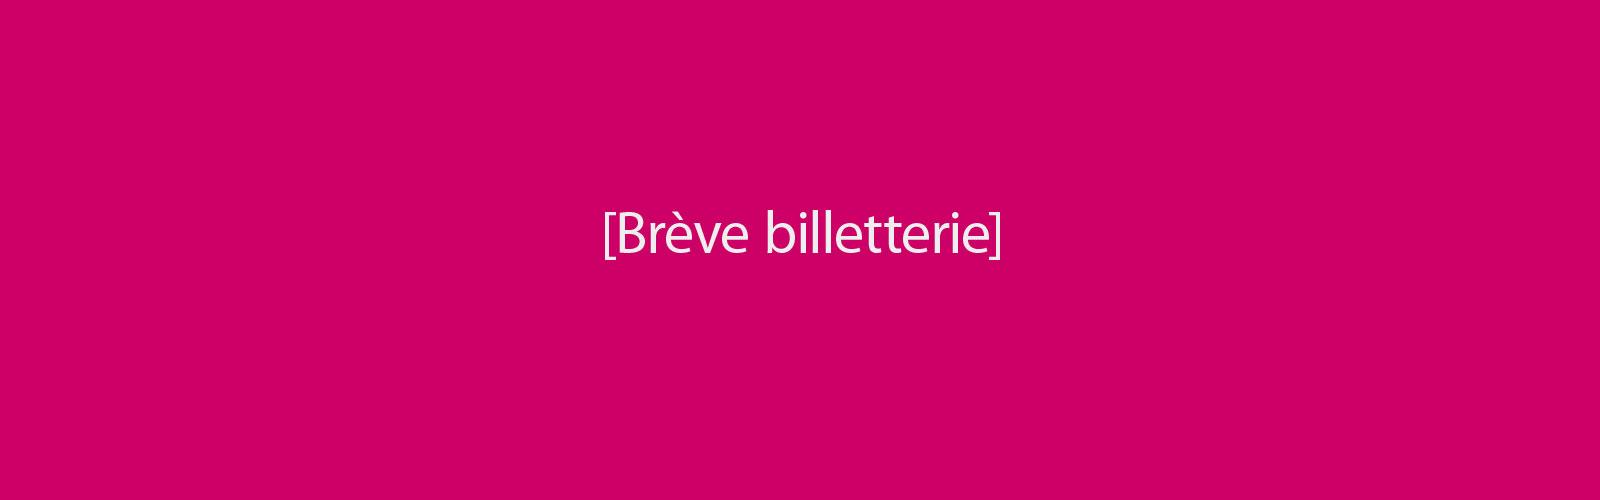 breve-banner